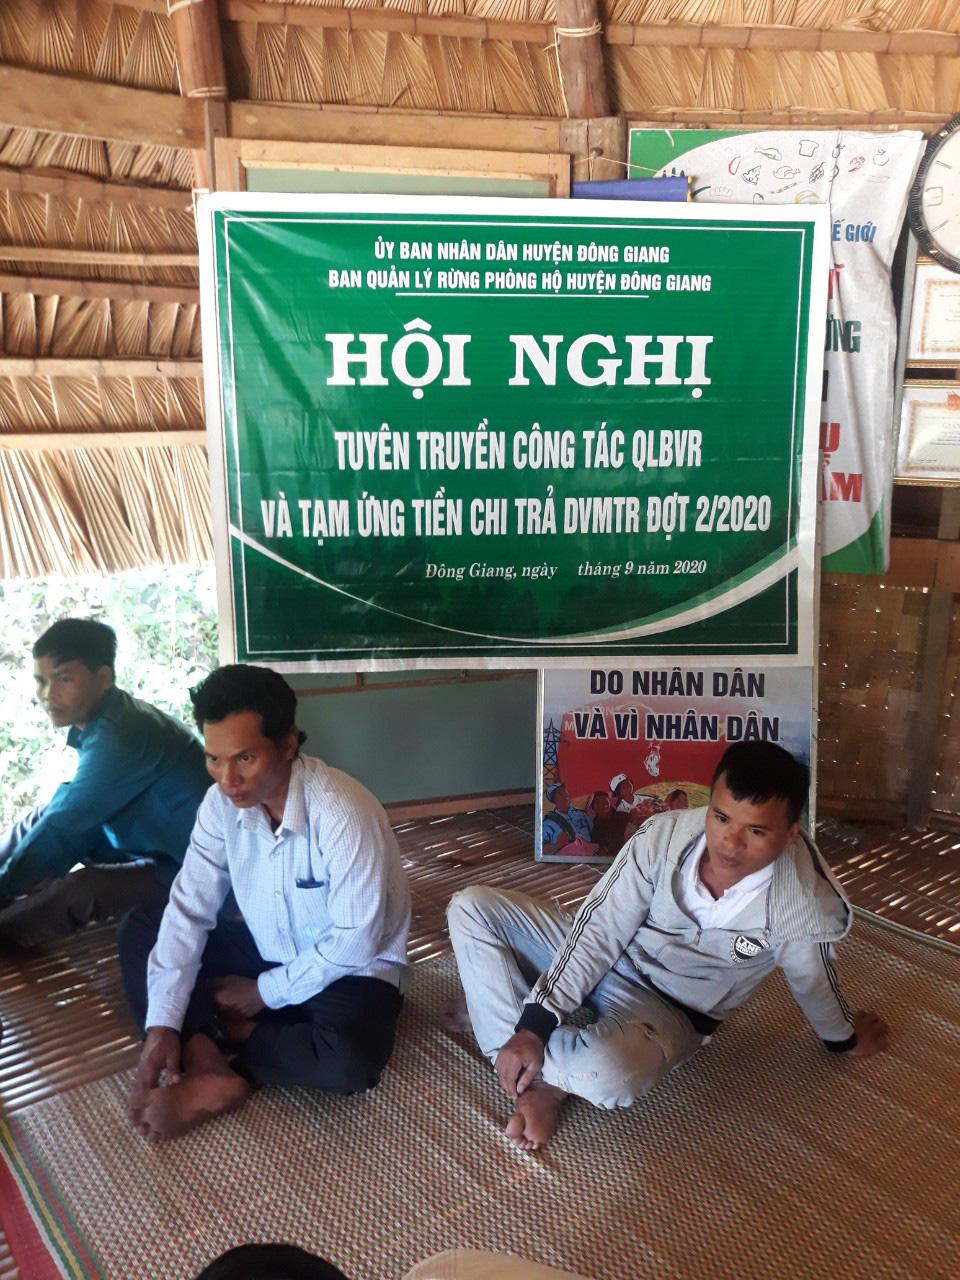 Quỹ Bảo vệ và phát triển rừng Quảng Nam - Vượt khó để hoàn thành nhiệm vụ - Ảnh 3.